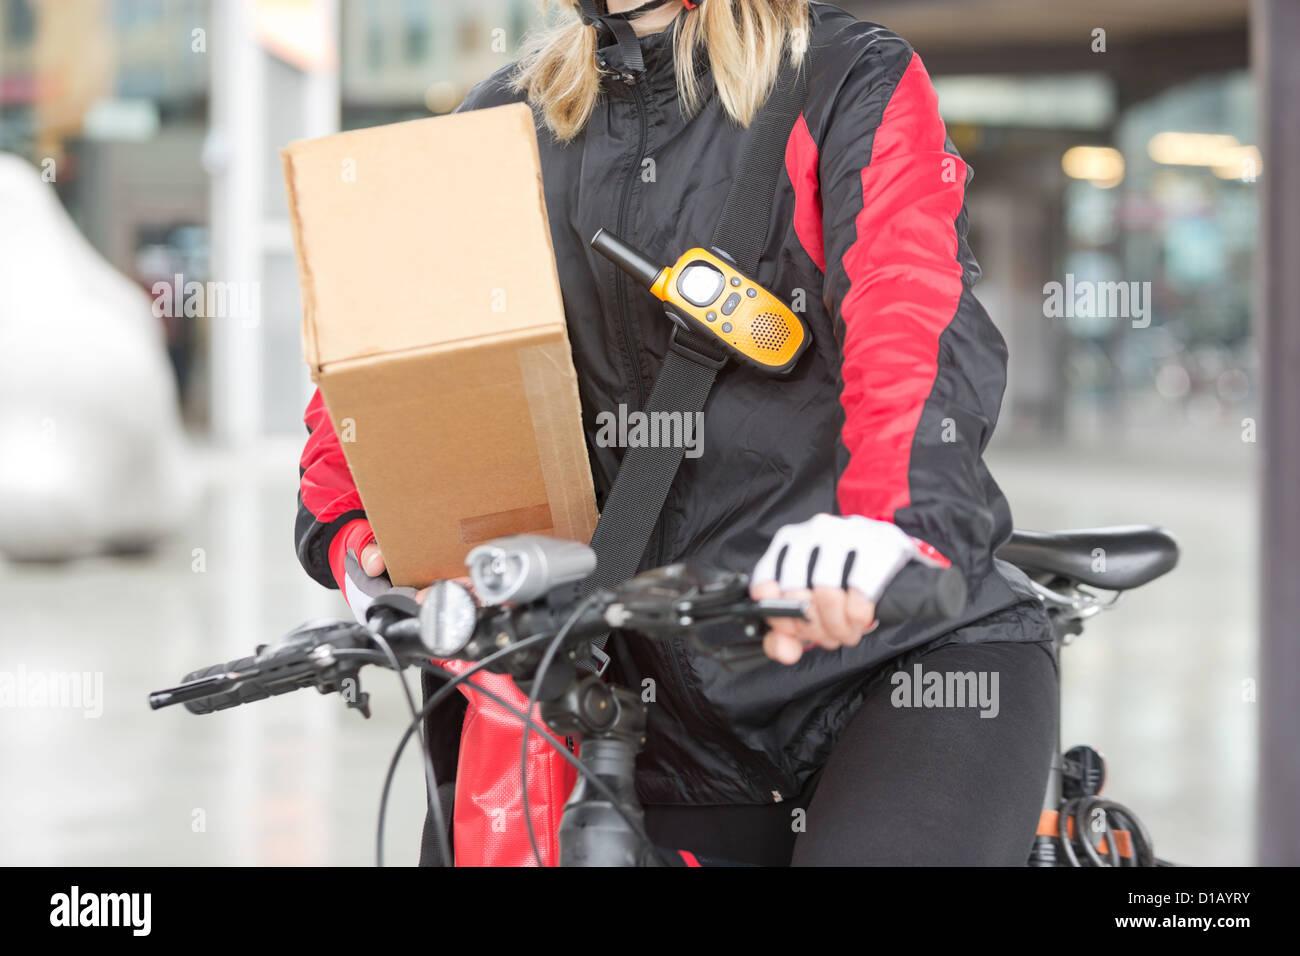 Ciclista femenino con Caja de cartón y bolsa de transporte en la calle Imagen De Stock